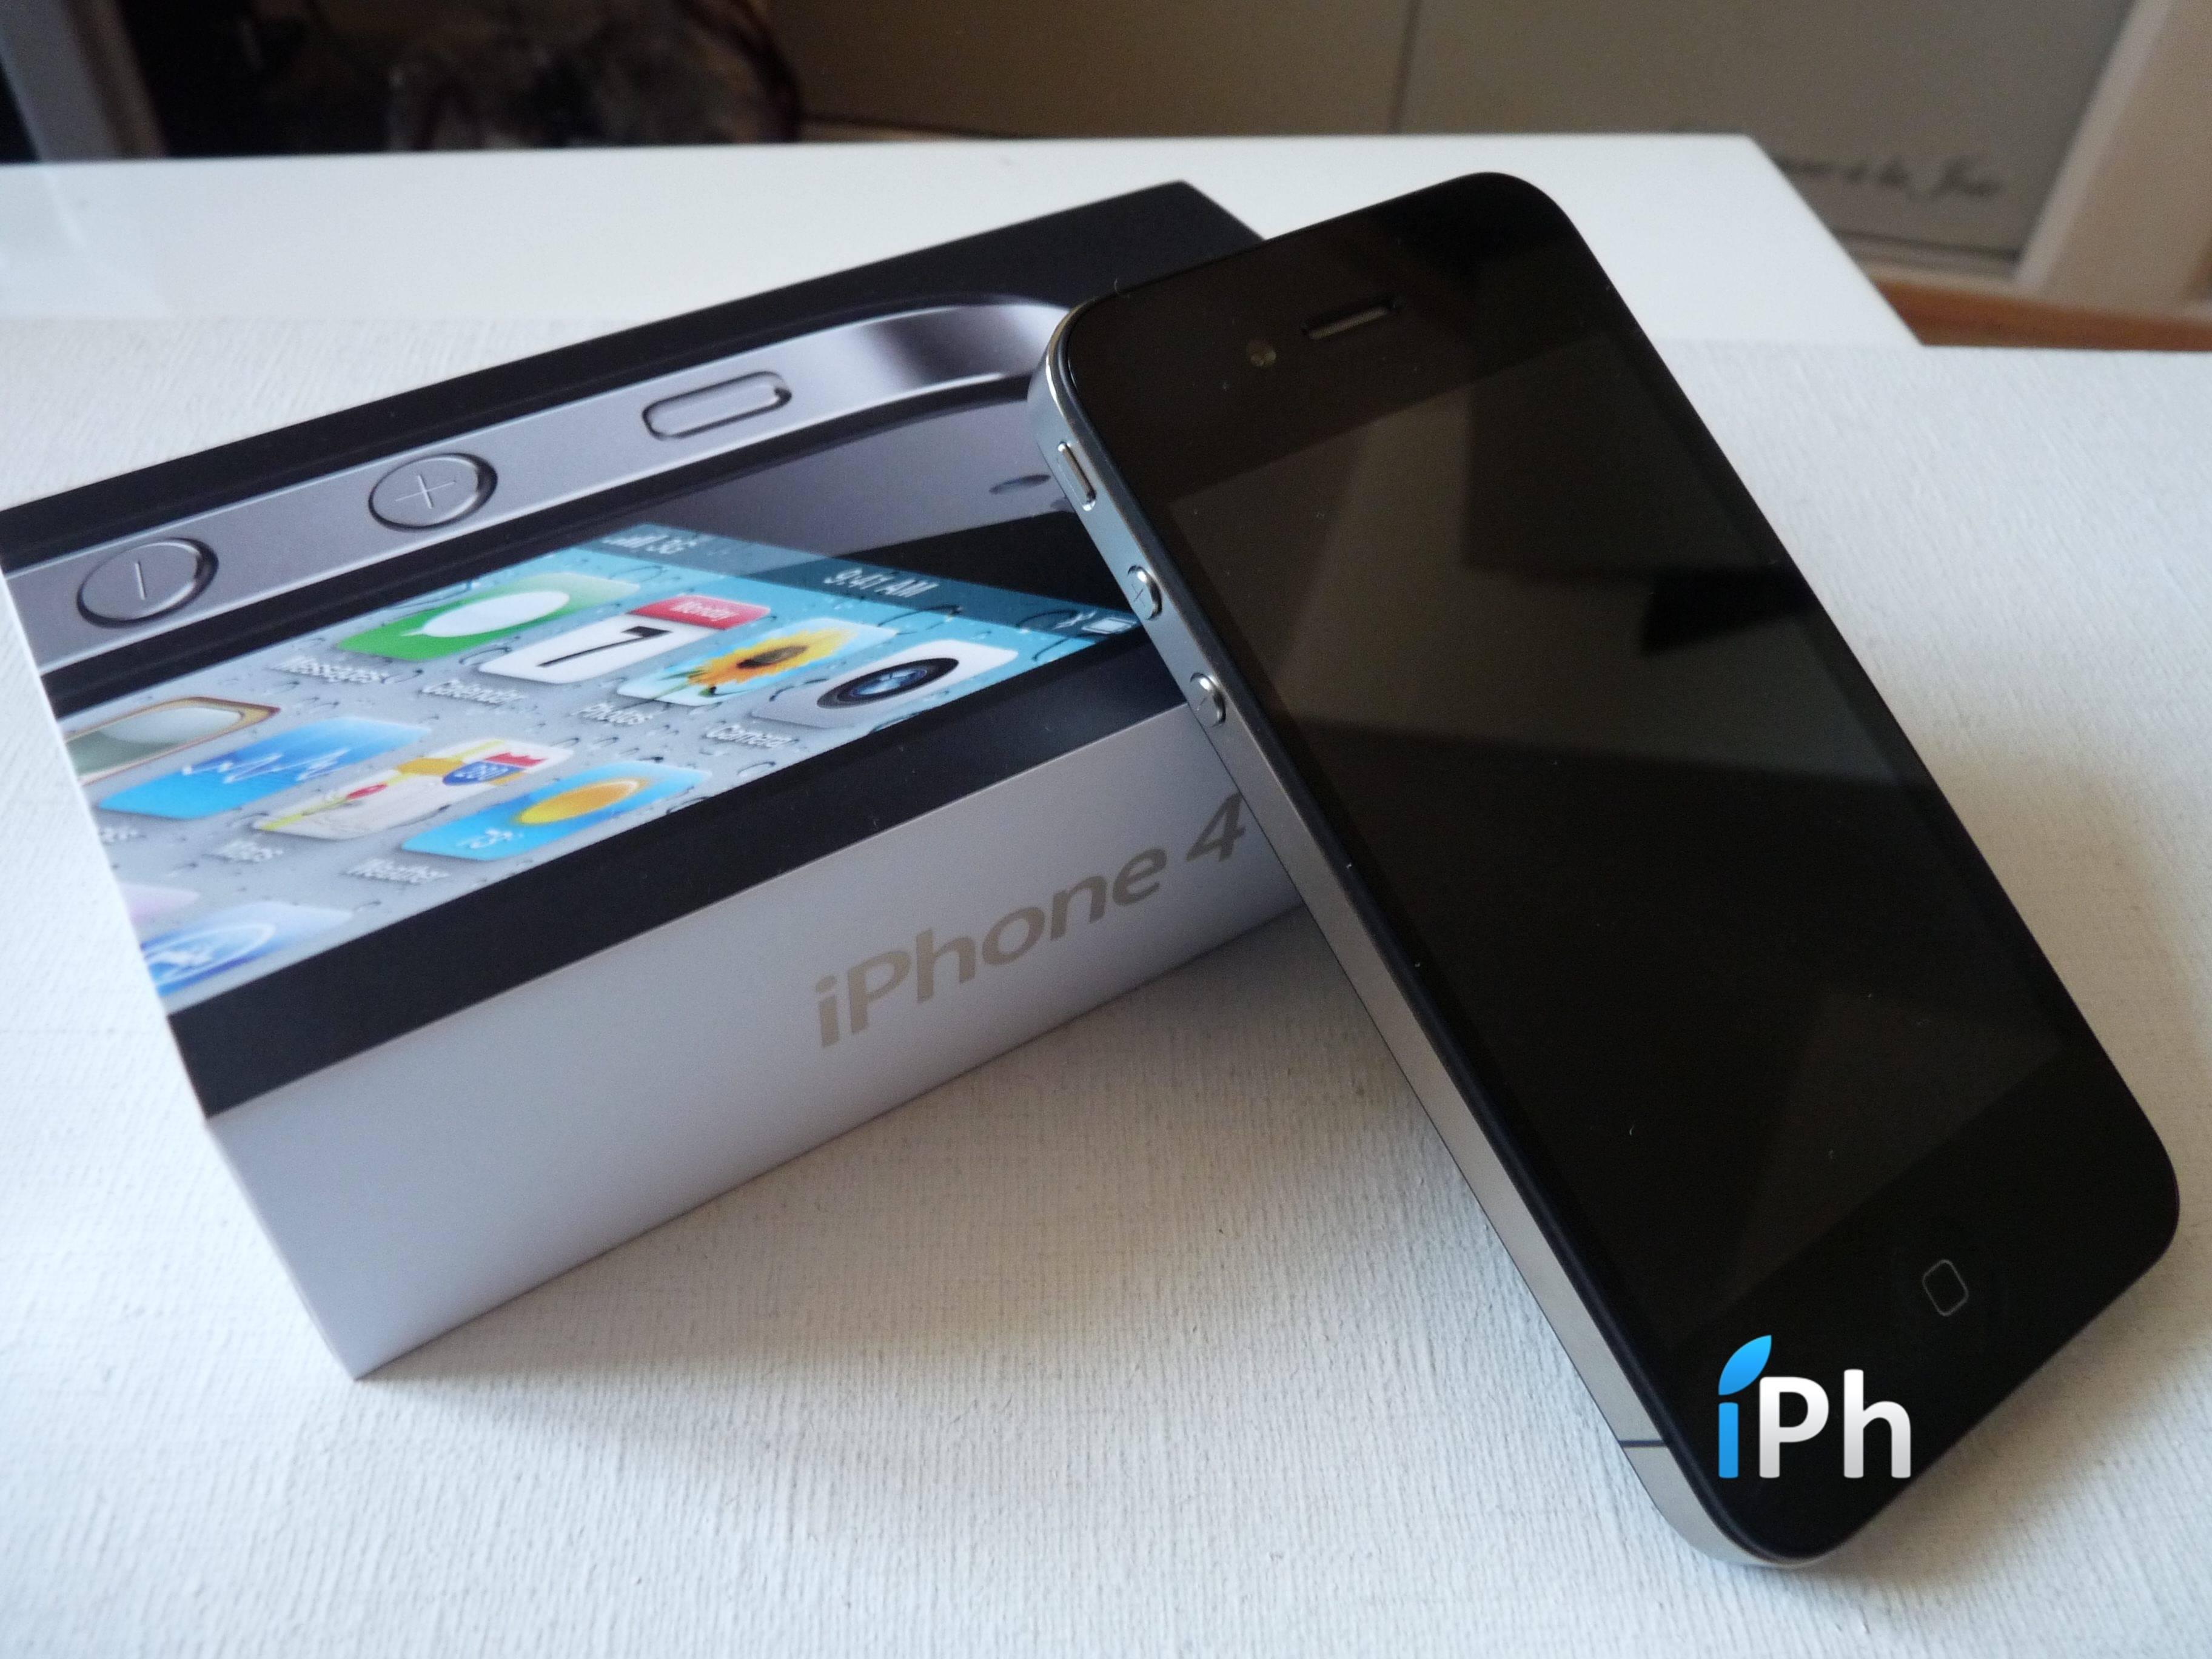 P1140453 iPhone 4   Les photos de liPhone 4 Noir par Myk